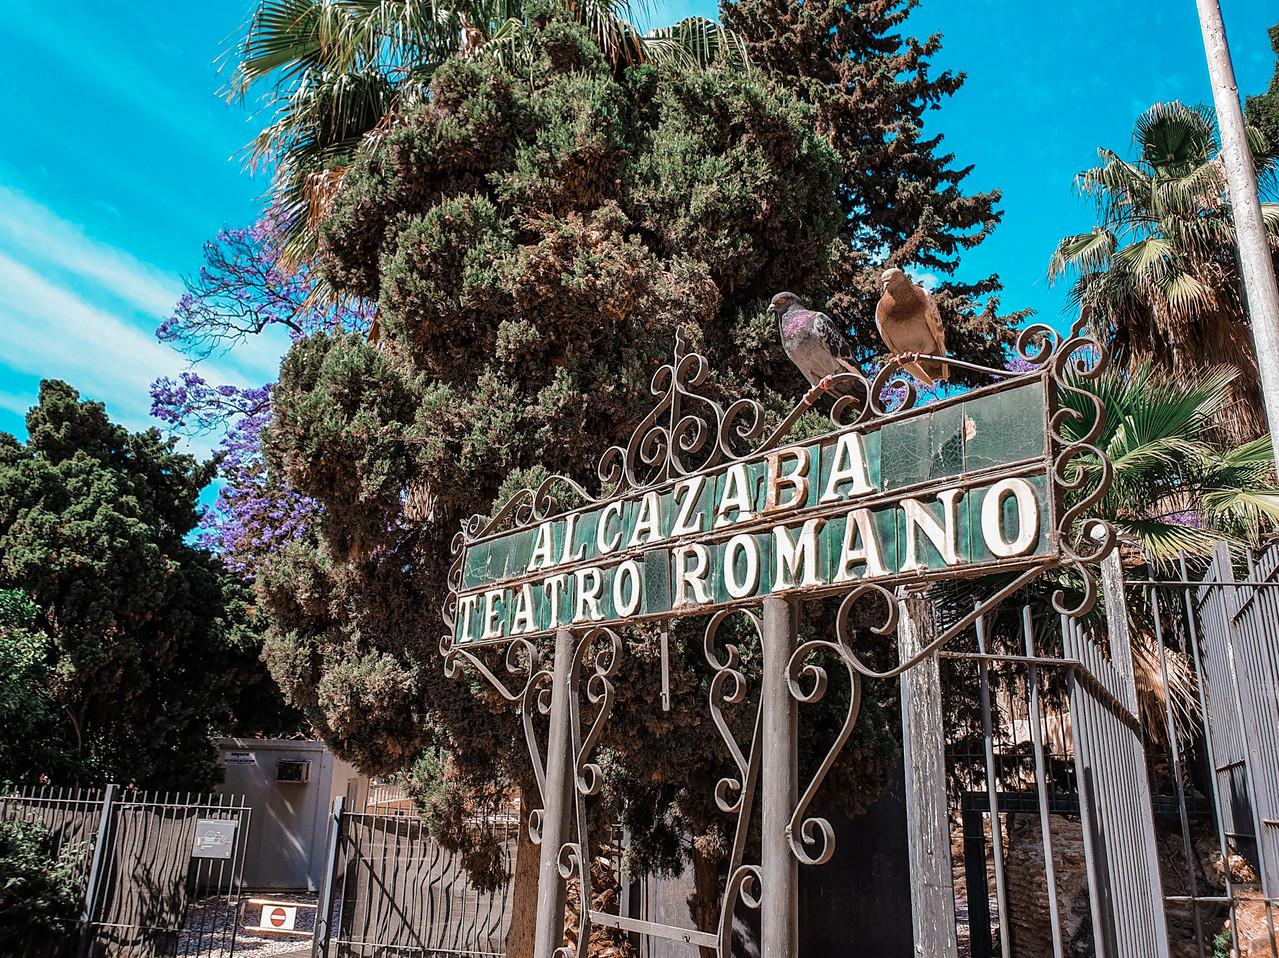 Alcazaba and Teatro Romano Malaga Olivia Libi